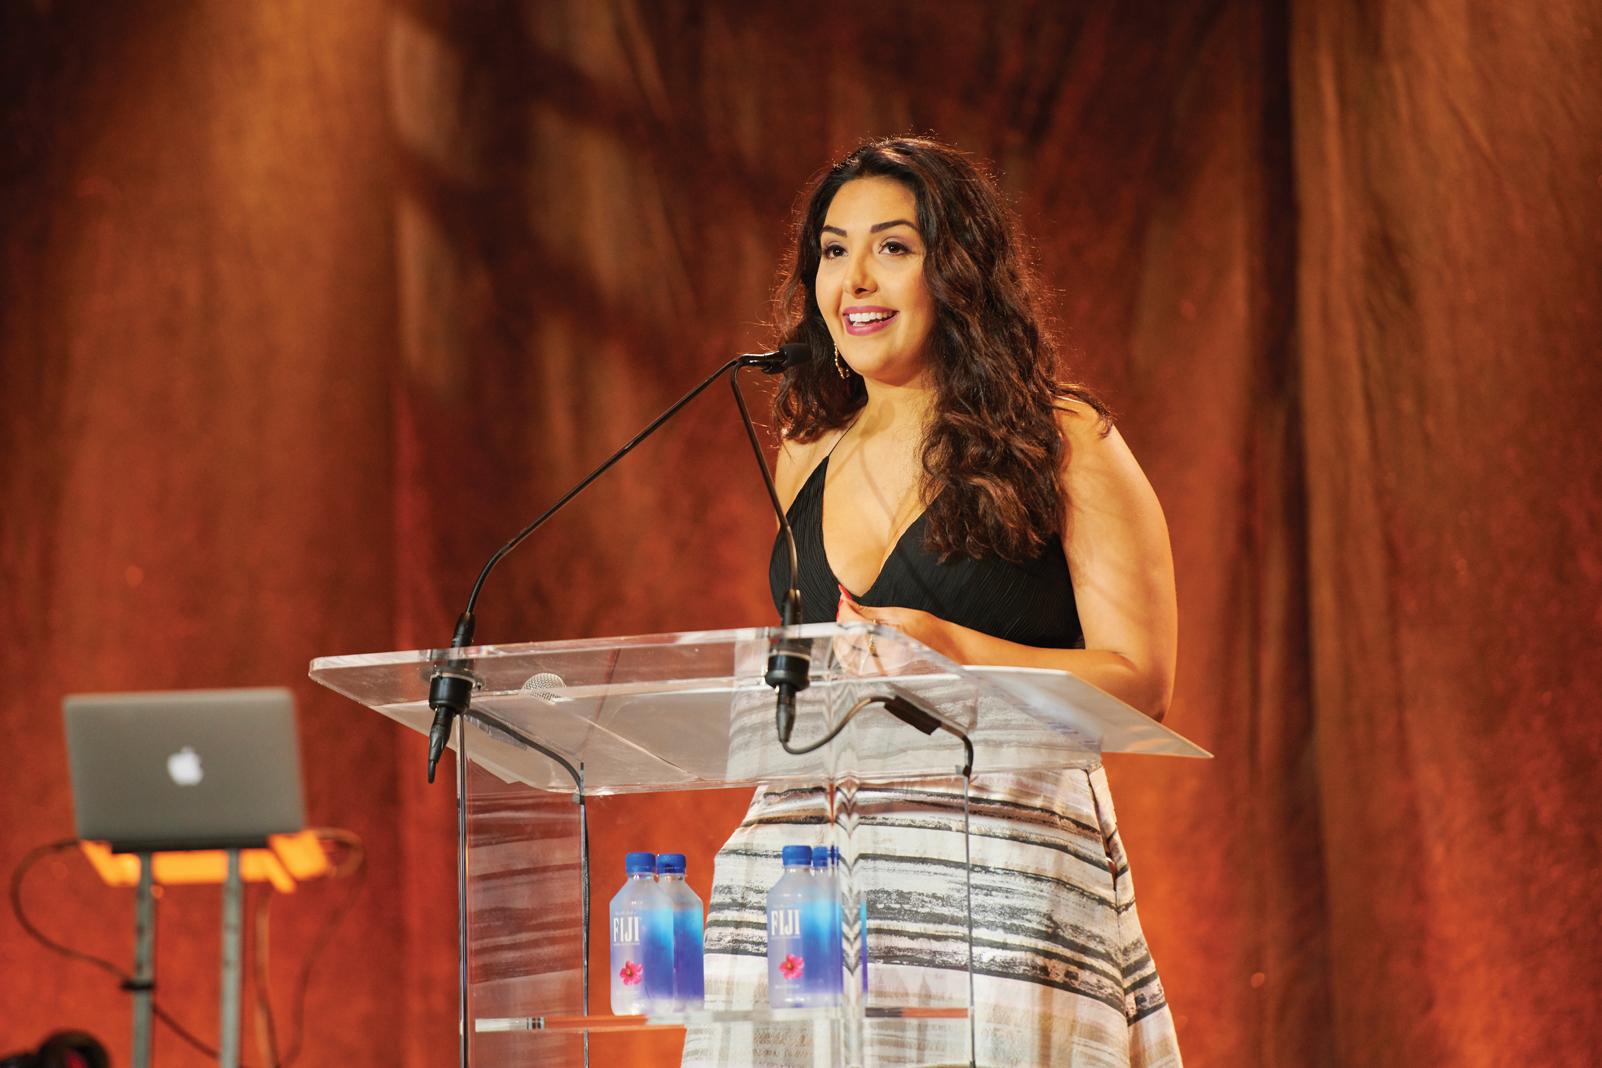 Giselle Ugarte